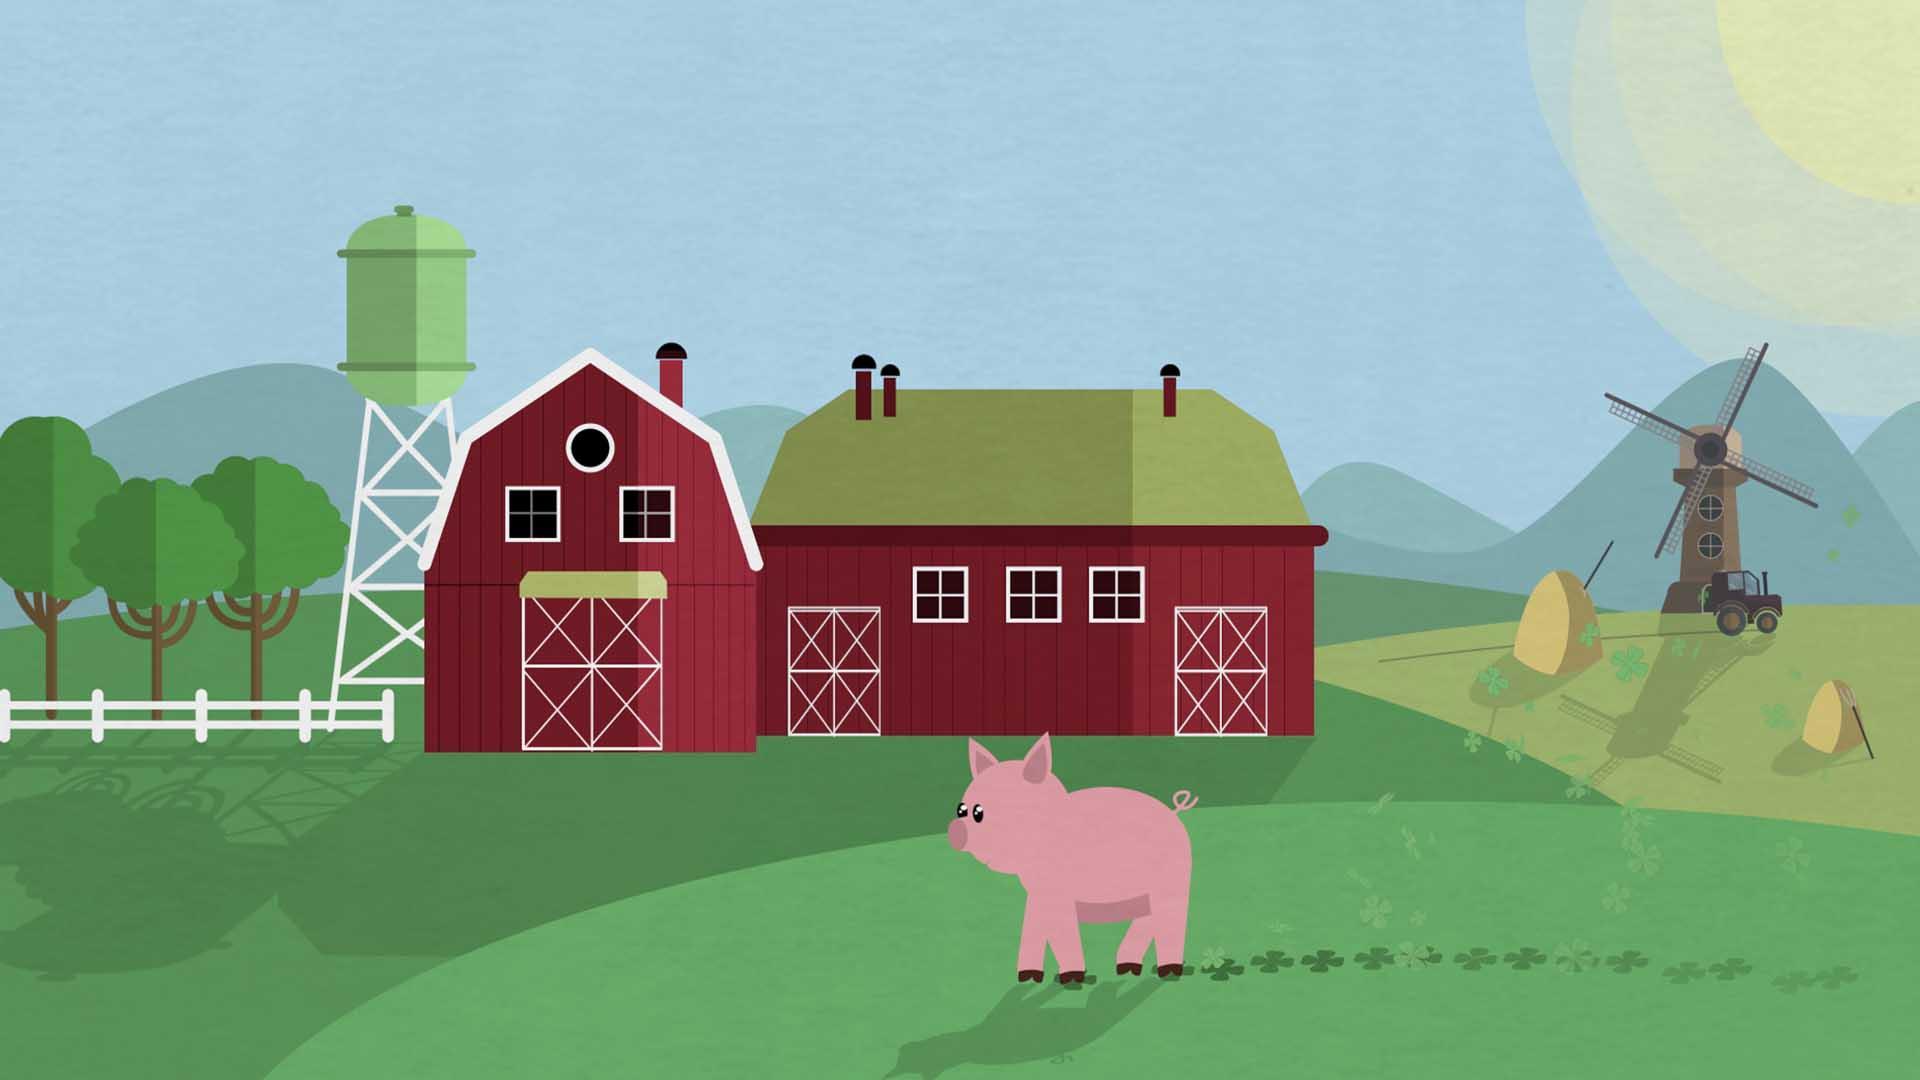 """Das Bild zeigt eine Wiese. Auf dieser Wiese steht ein rotes Bauernhaus. Vor dem Bauernhaus läuft ein kleines Schwein. Es hinterlässt Fußspuren in Form eines Kleeblatts. Rechts neben dem Bauernhof steht eine Mühle. In der rechten Ecke des Bildes schwebt die Sonne. Links neben dem Bauernhof sieht man Bäume. Das Bild dient als Sliderbild für den Portfolioeintrag """"Region Passau Comics Mitmachstation"""" von Panda Pictures."""